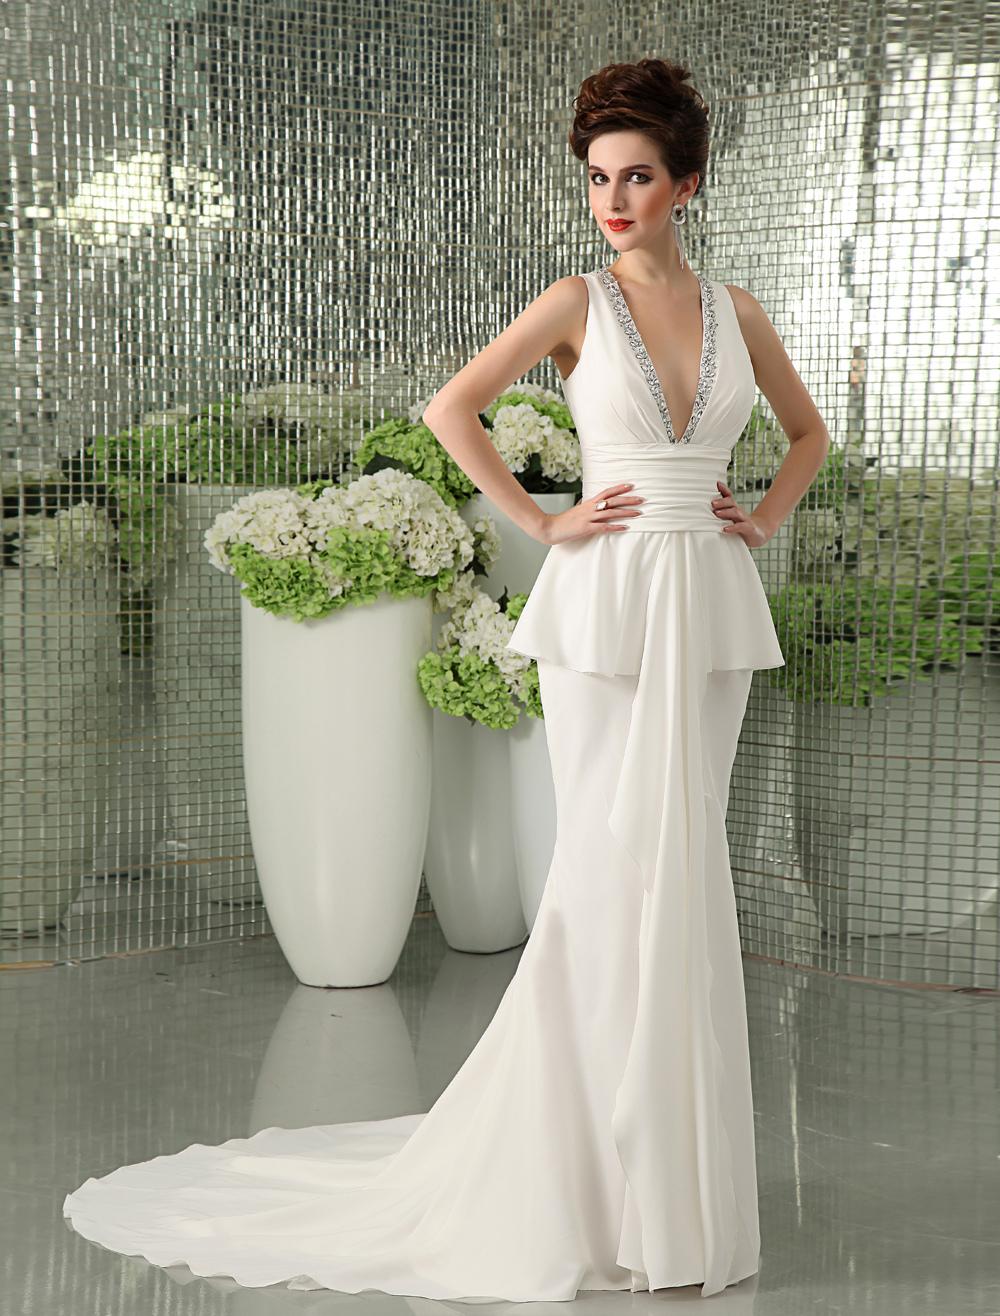 Ivory Sheath V-Neck Beading Bridal Wedding Gown Milanoo